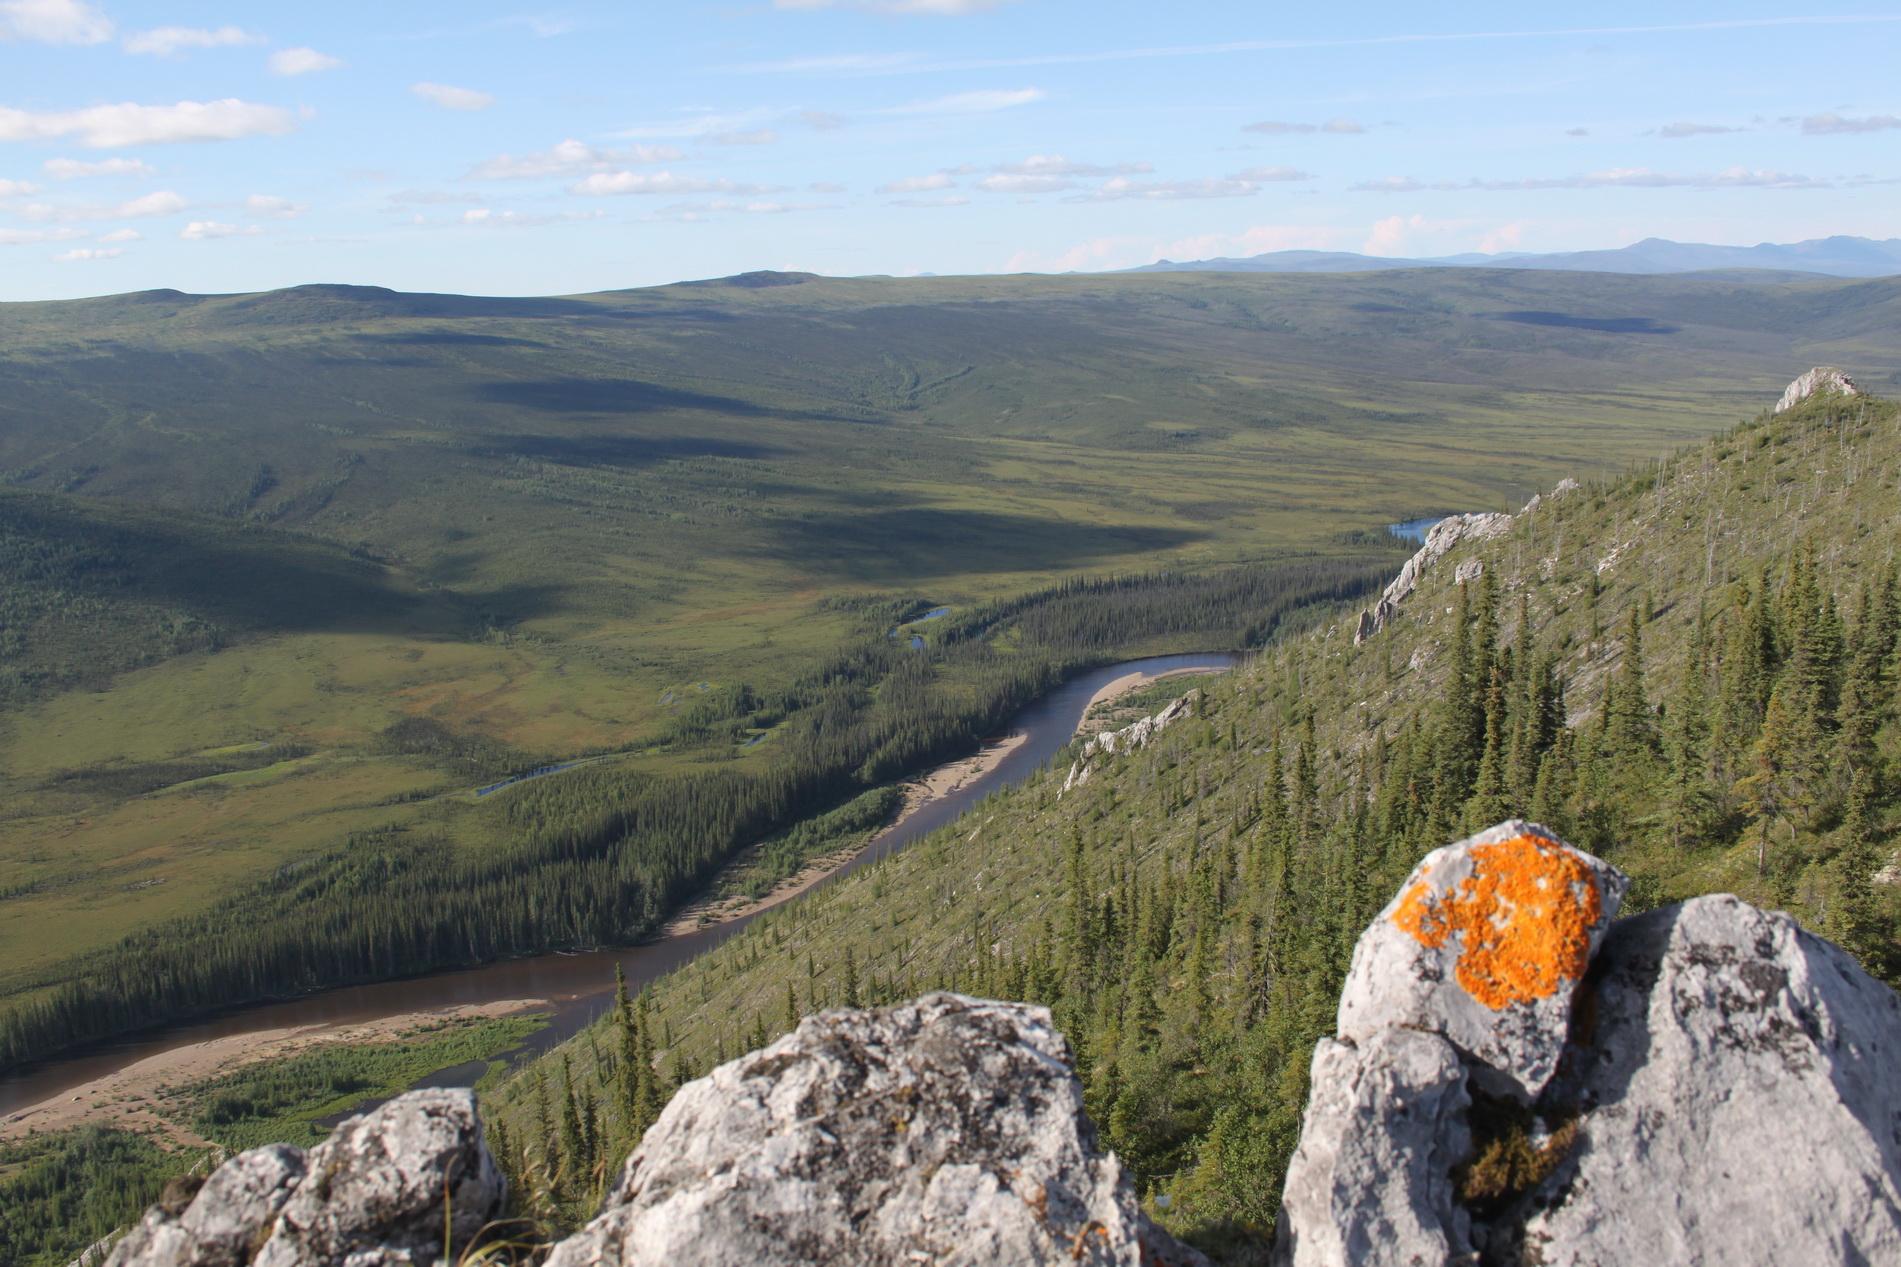 Das war eine anstrengende Bergtour, aber der Ausblick entschädigt.